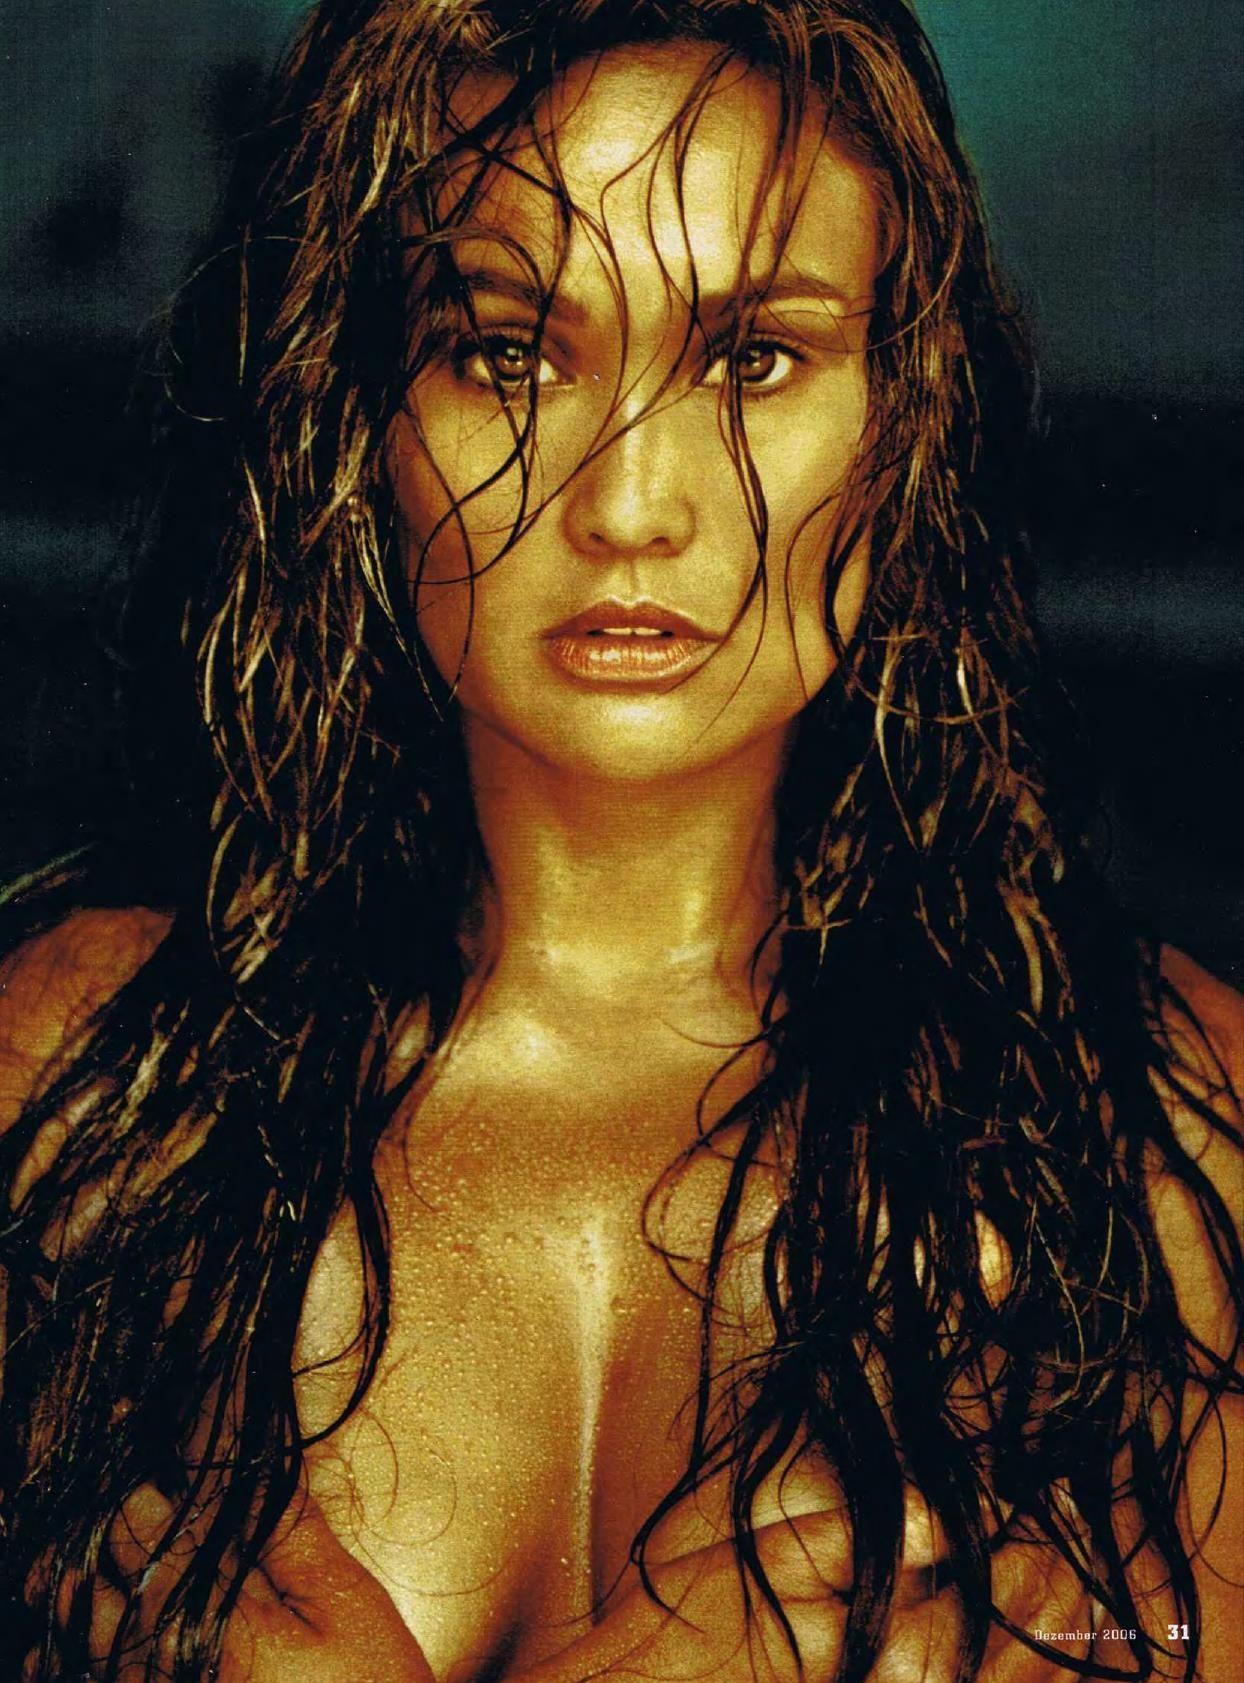 tia-carrere-nude-Sexy-22-thefappeningblog.com_.jpg